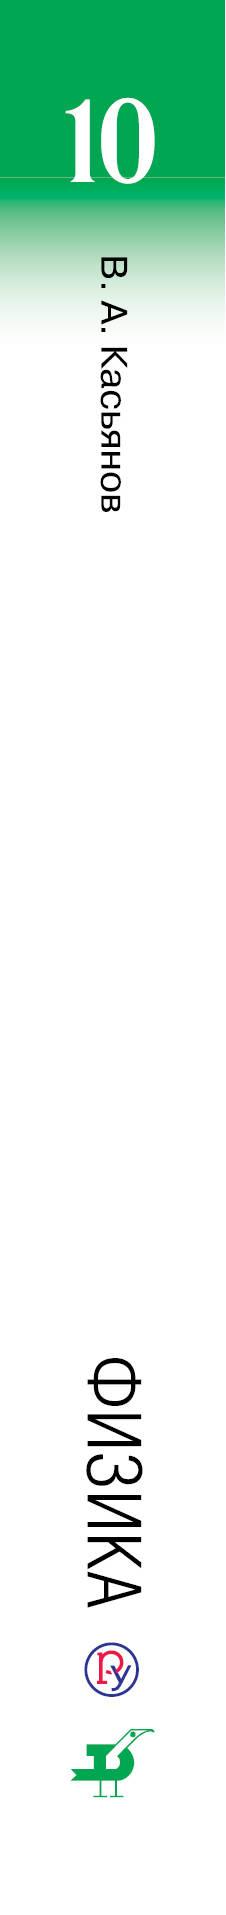 Касьянов Валерий Алексеевич. Физика. 10 класс. Углублённый уровень. Учебник. Вертикаль. ФГОС 0x0